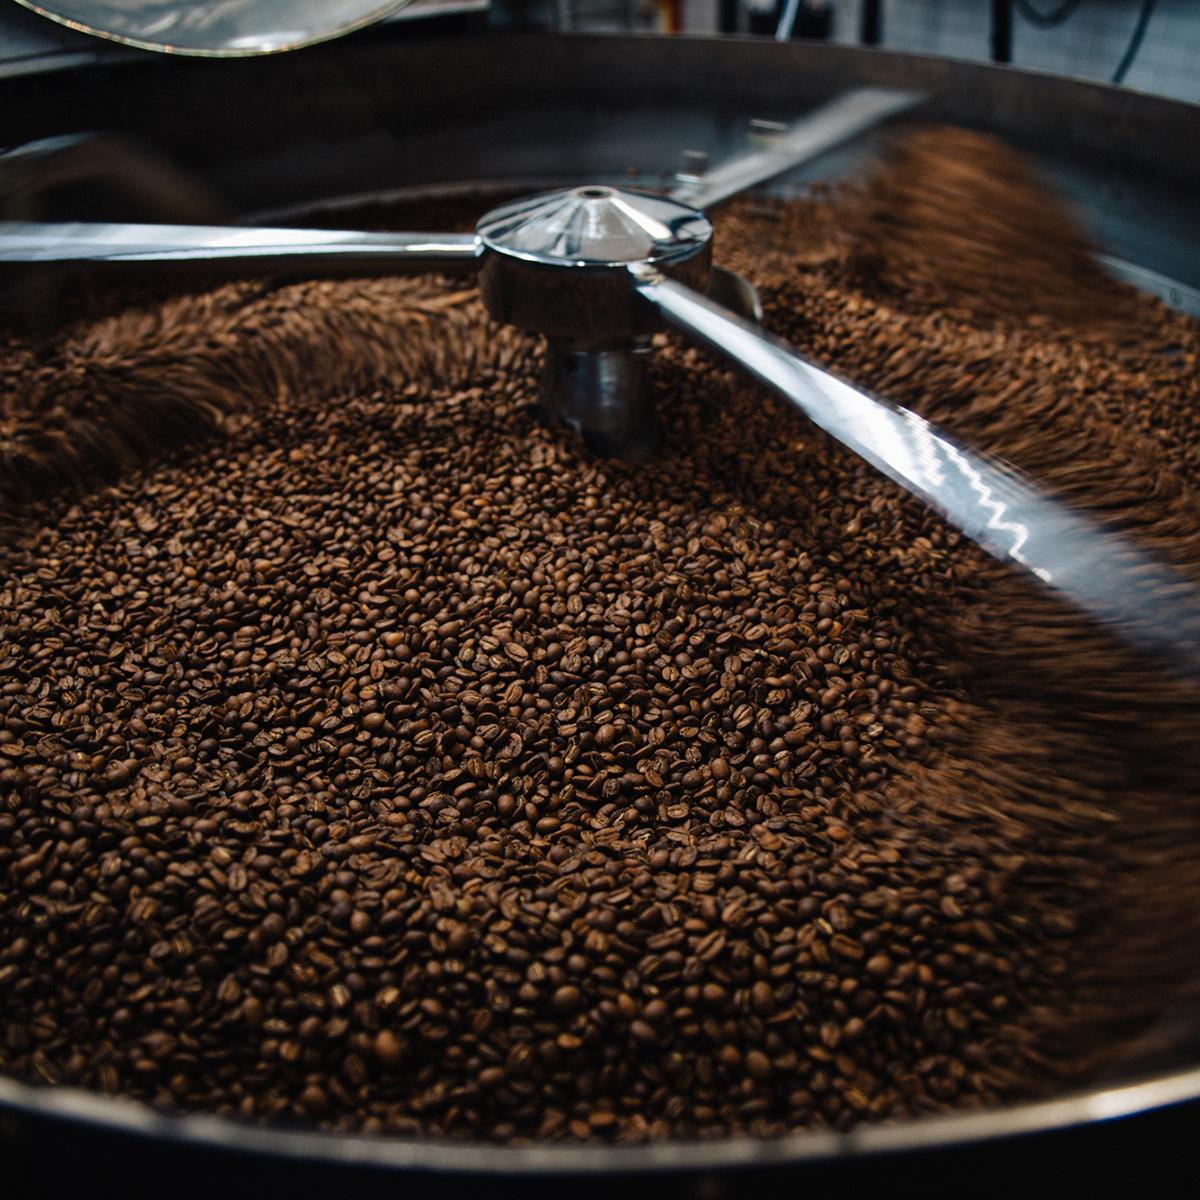 1日に200kgから300kgのコーヒー豆を焙煎している。